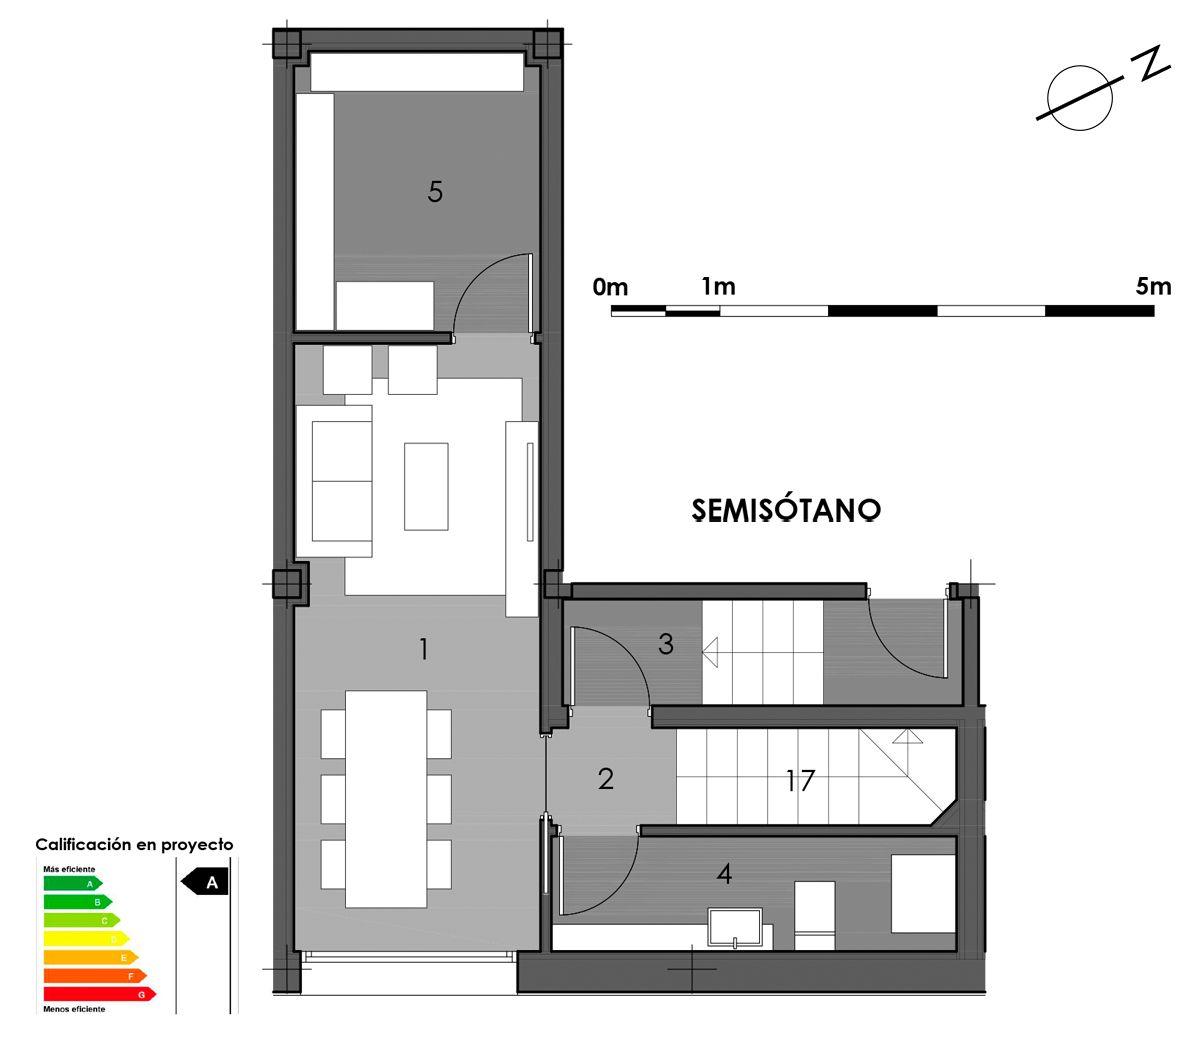 plano semisótano vivienda 8 con aseo en bodega